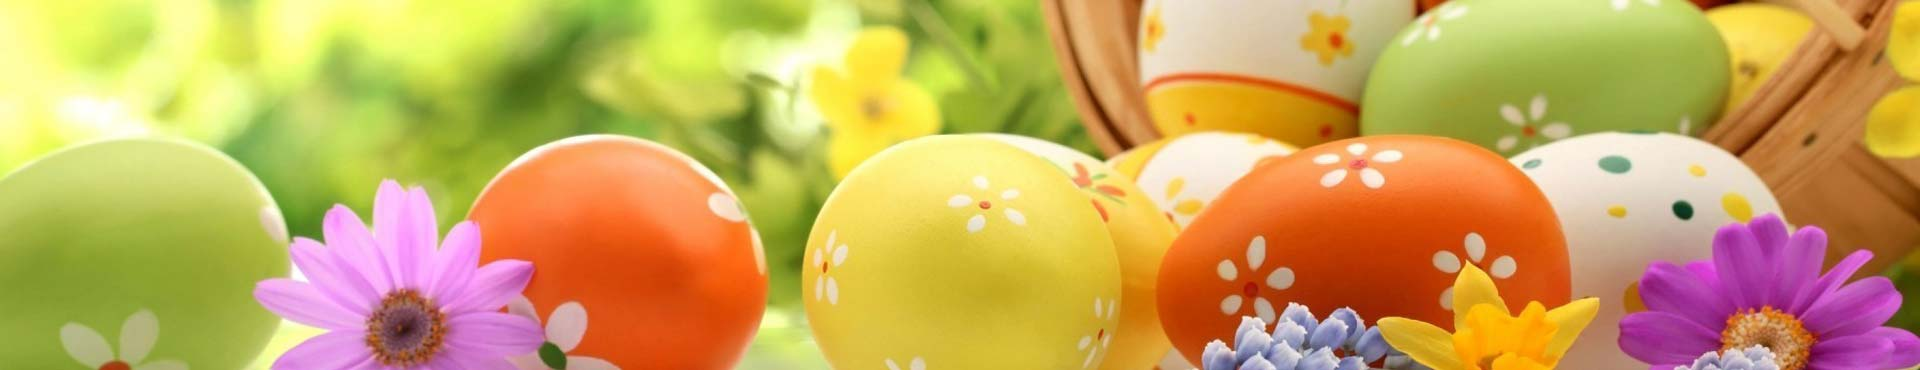 Wielkanoc 1